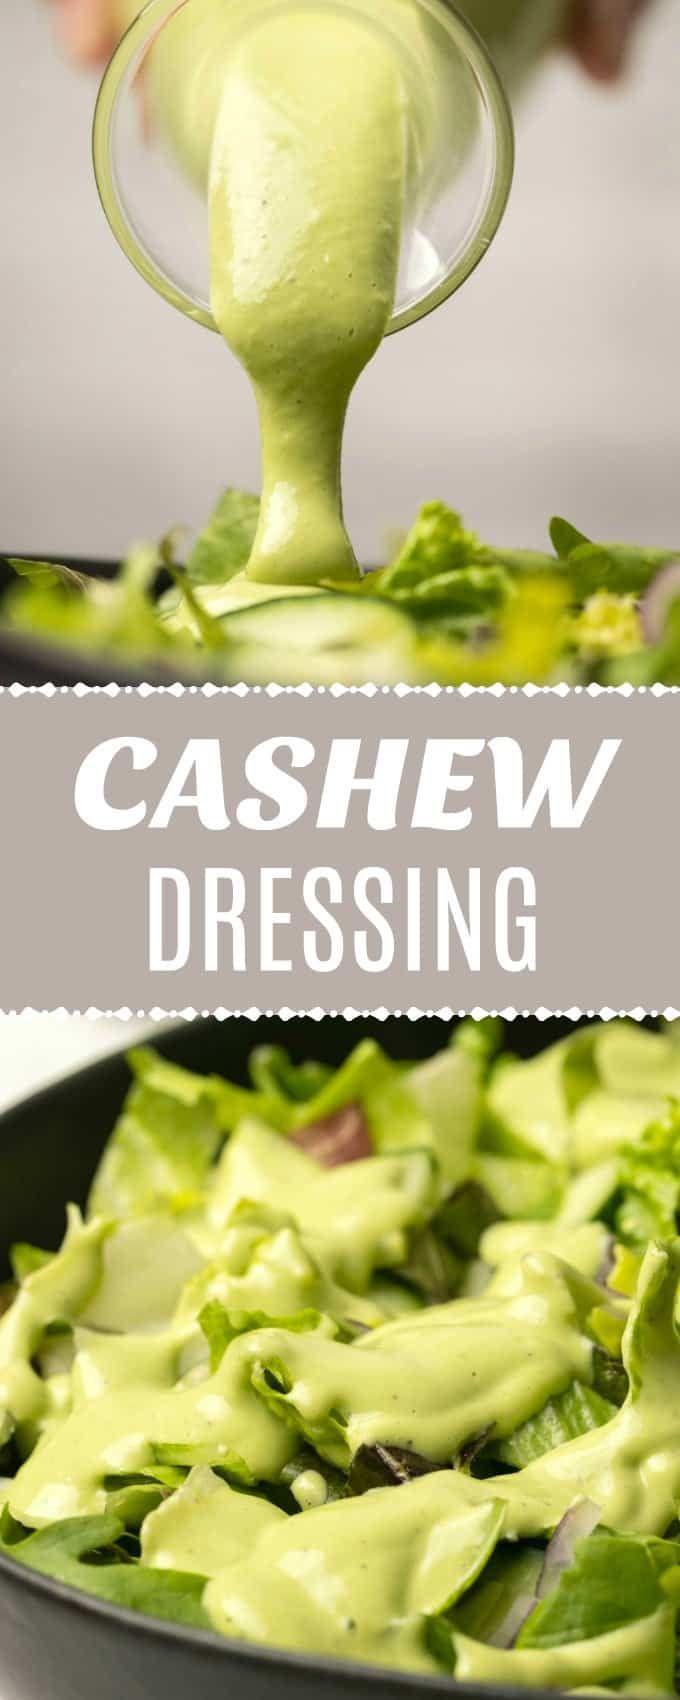 Cashew-Dressing mit frischen Kräutern   – Best of Loving It Vegan